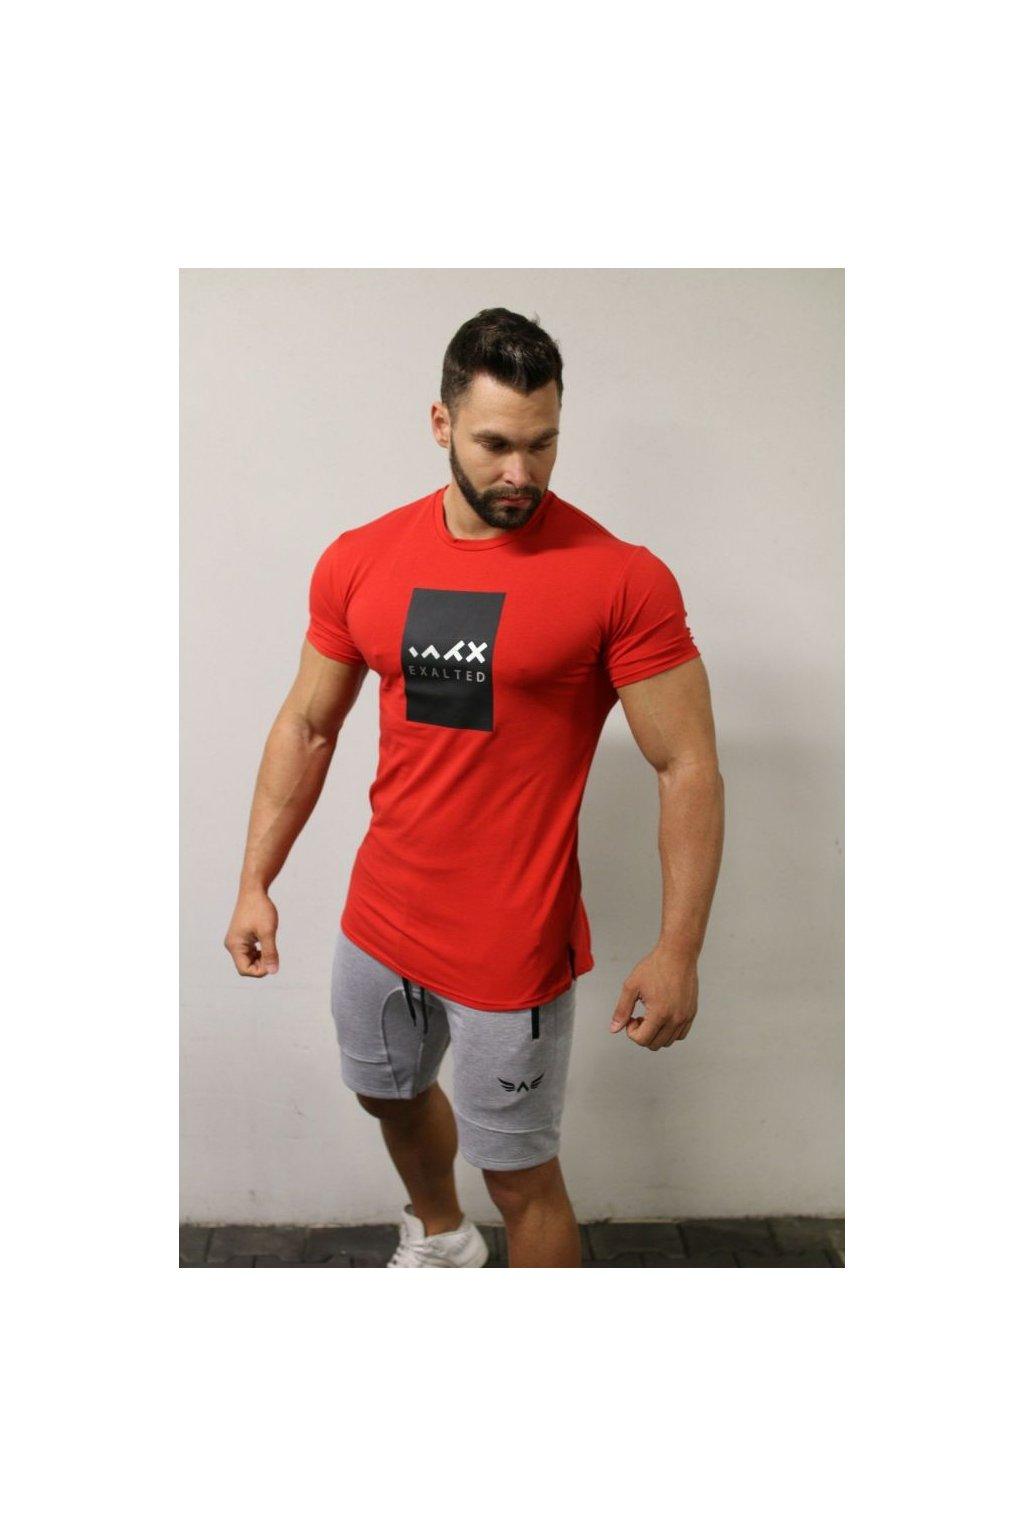 Pánské tričko Exalted E1- Červené